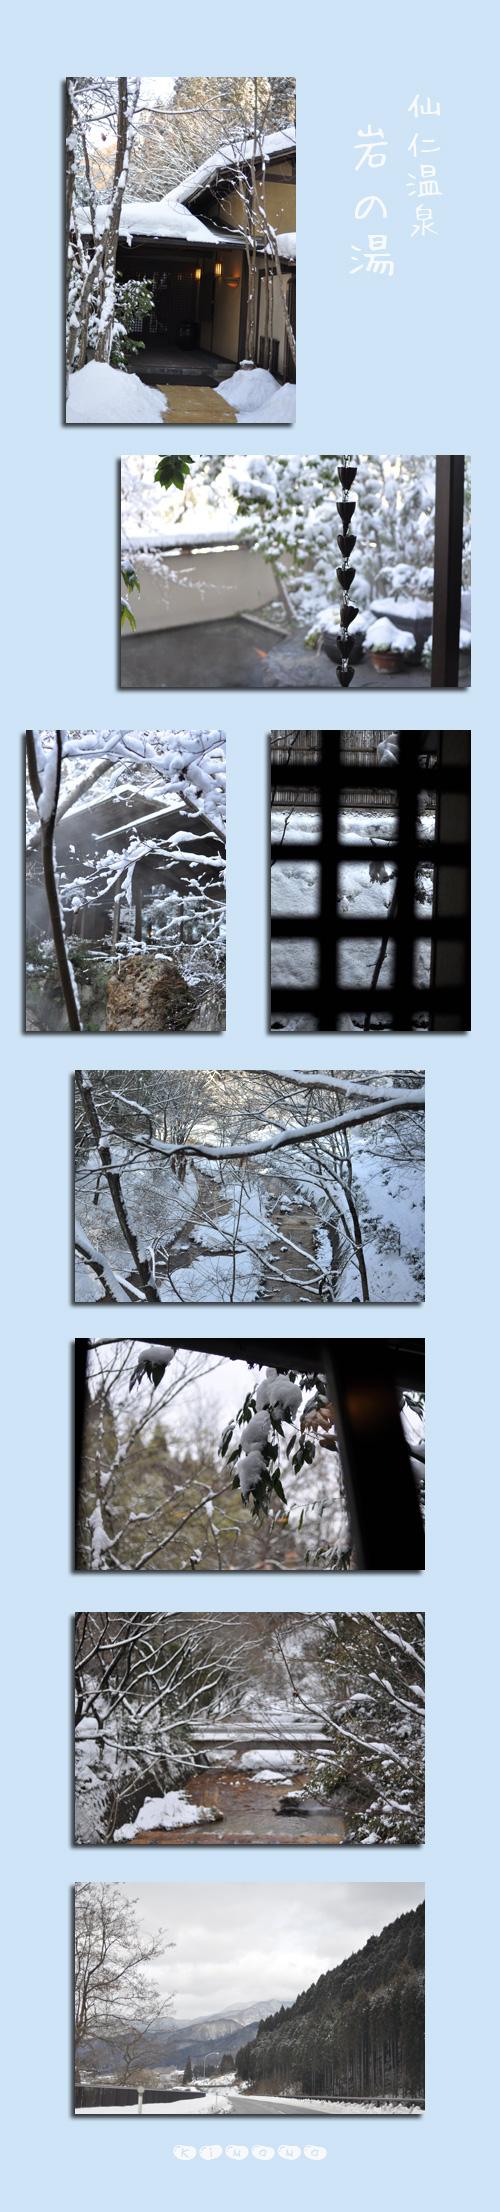 2月4日岩の湯雪景色